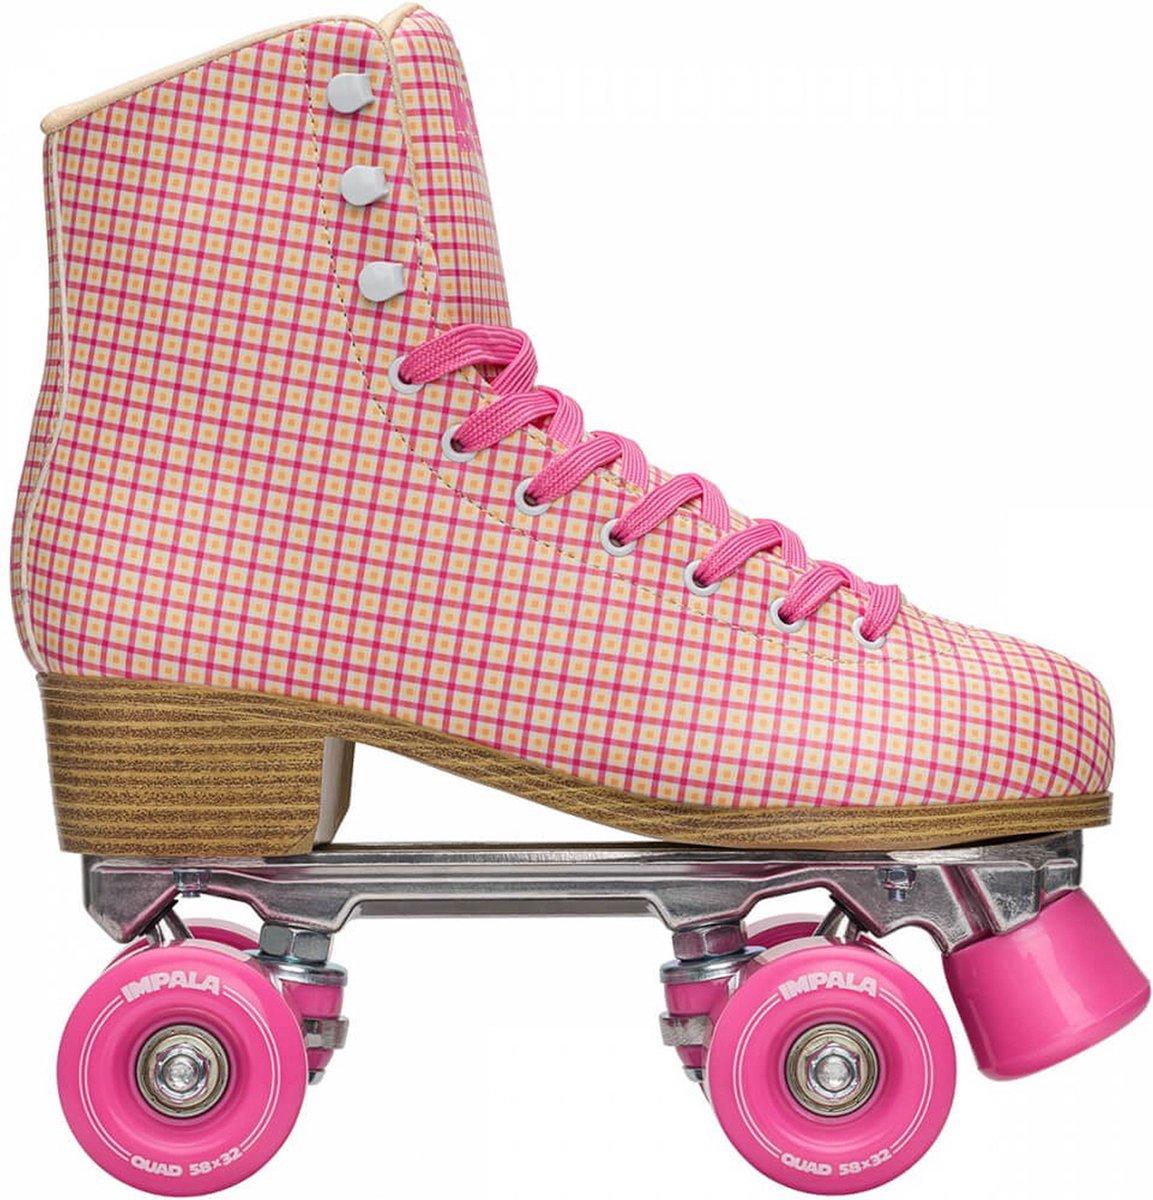 Impala Rolschaatsen - Maat 37Kinderen en volwassenen - roze - geel - wit